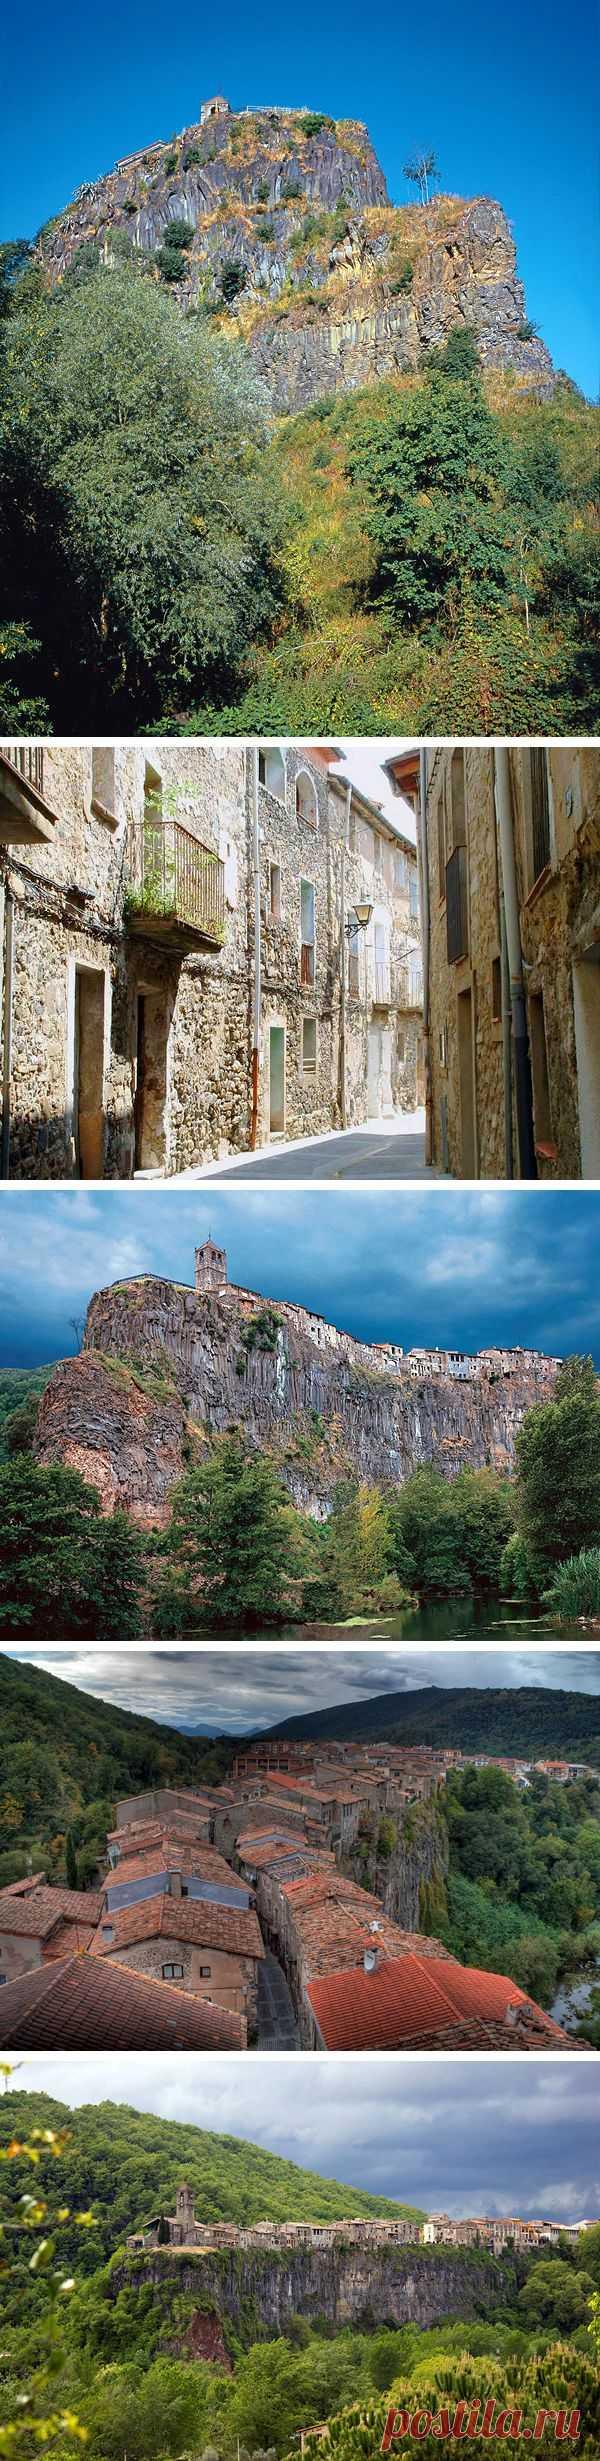 ¡La ciudad sobre la roca! Kastelfulit-de-la del Destino, Cataluña, España